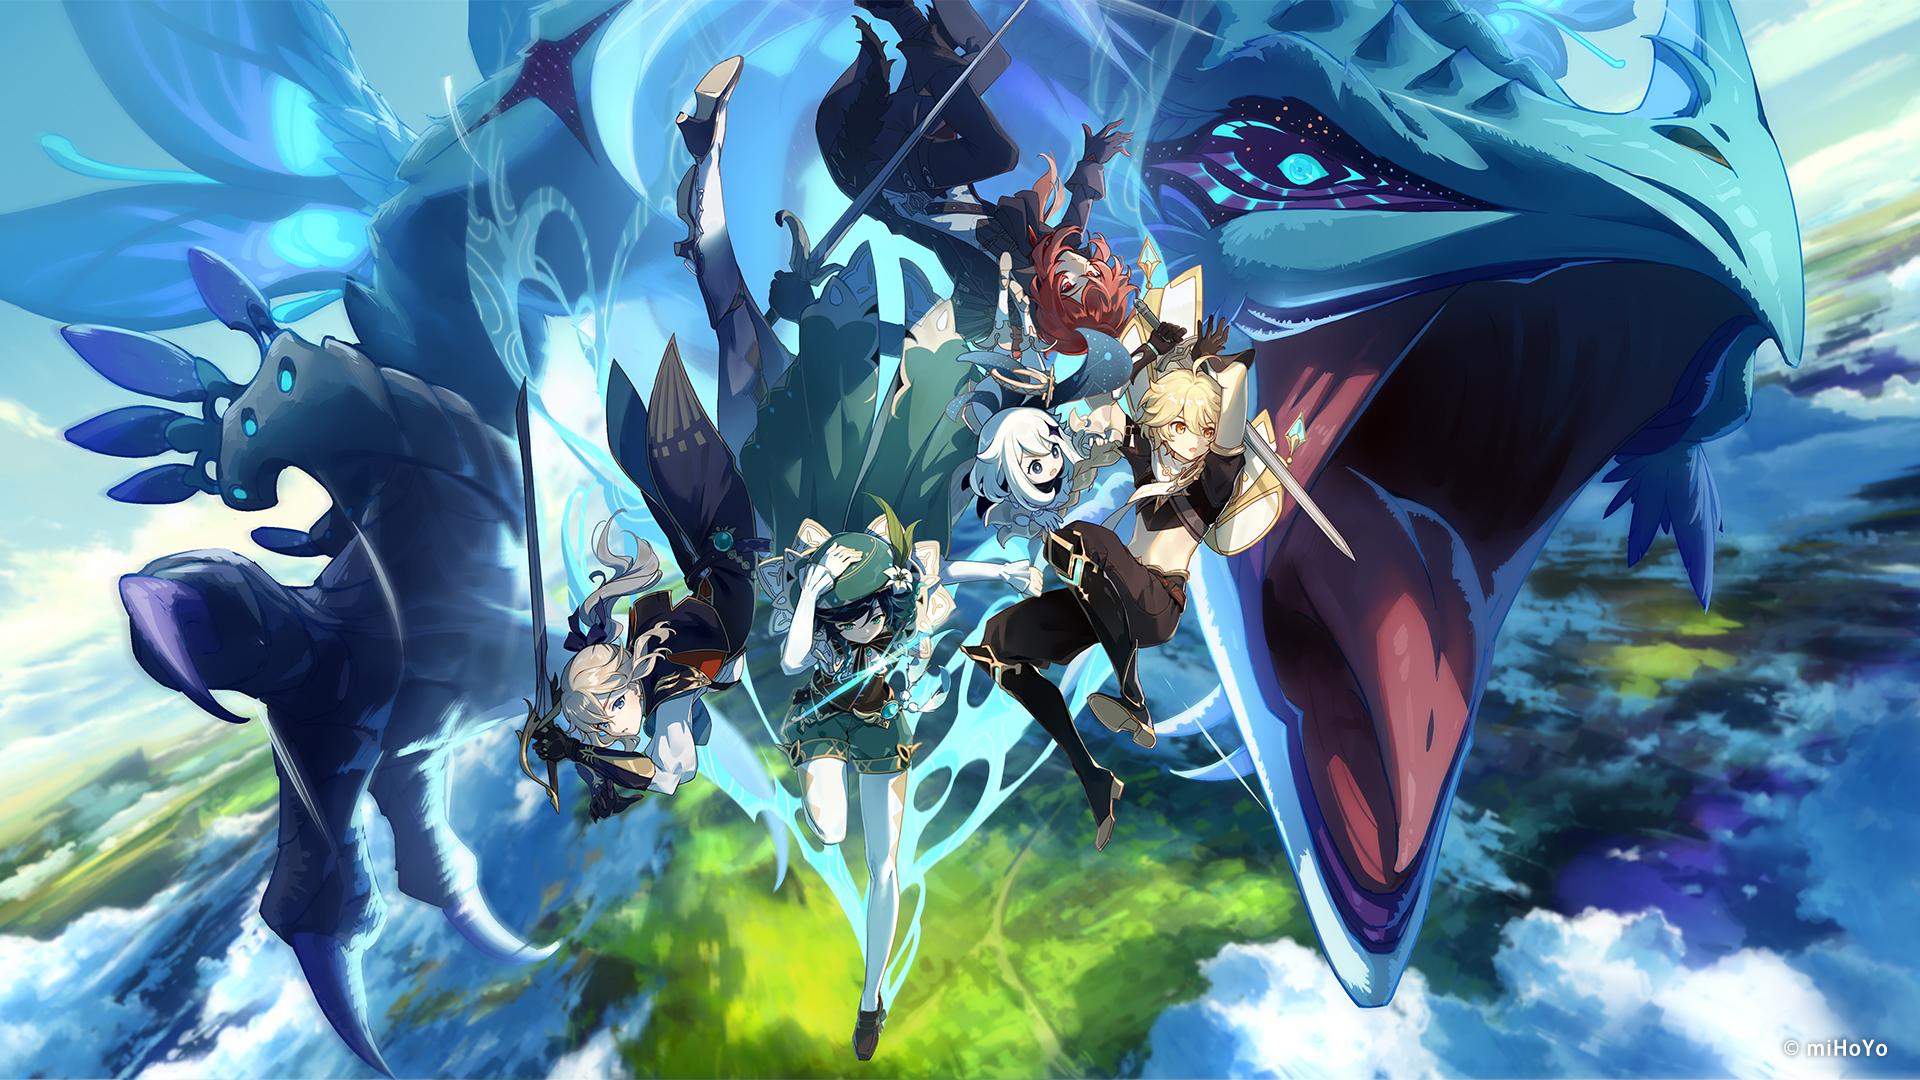 Genshin Impact mistura mundo aberto, RPG e sistema de gacha para render horas de jogatina (Foto: Divulgação/MiHoYo)